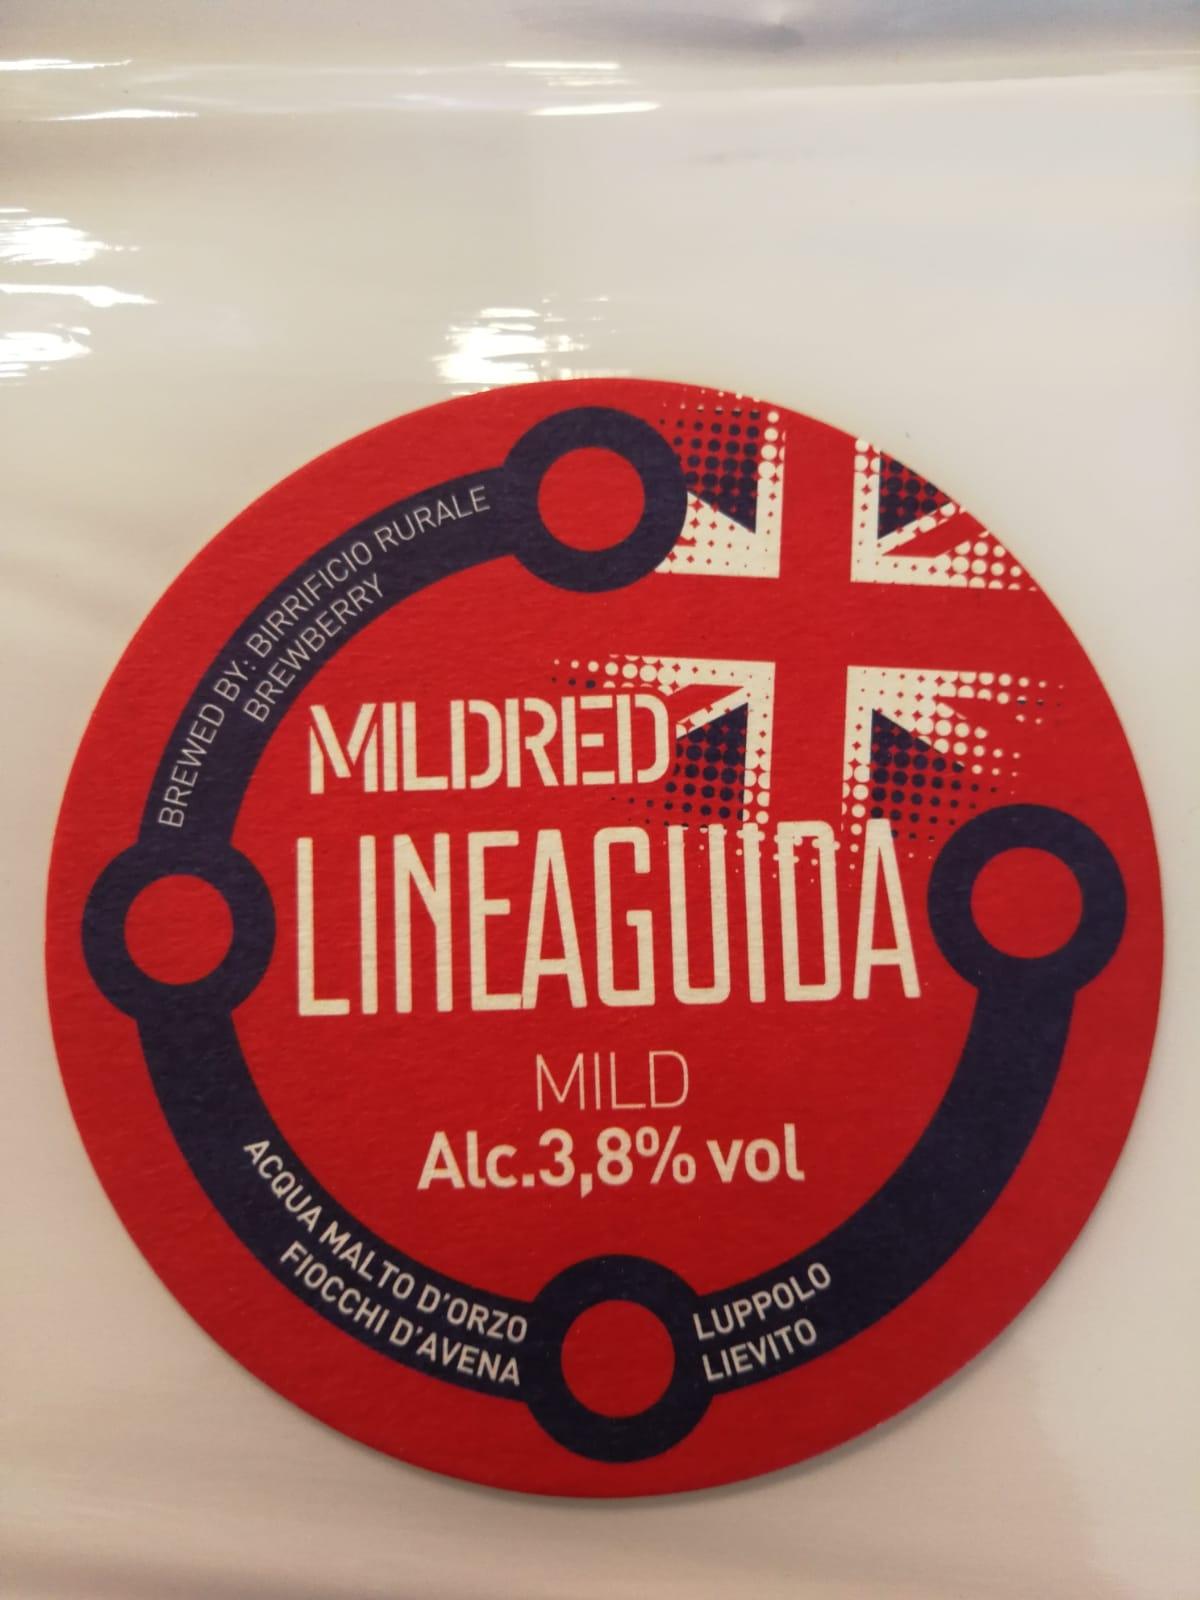 Una Nuova Birra per Lineaguida: il 3 ottobre arriva Mildred!